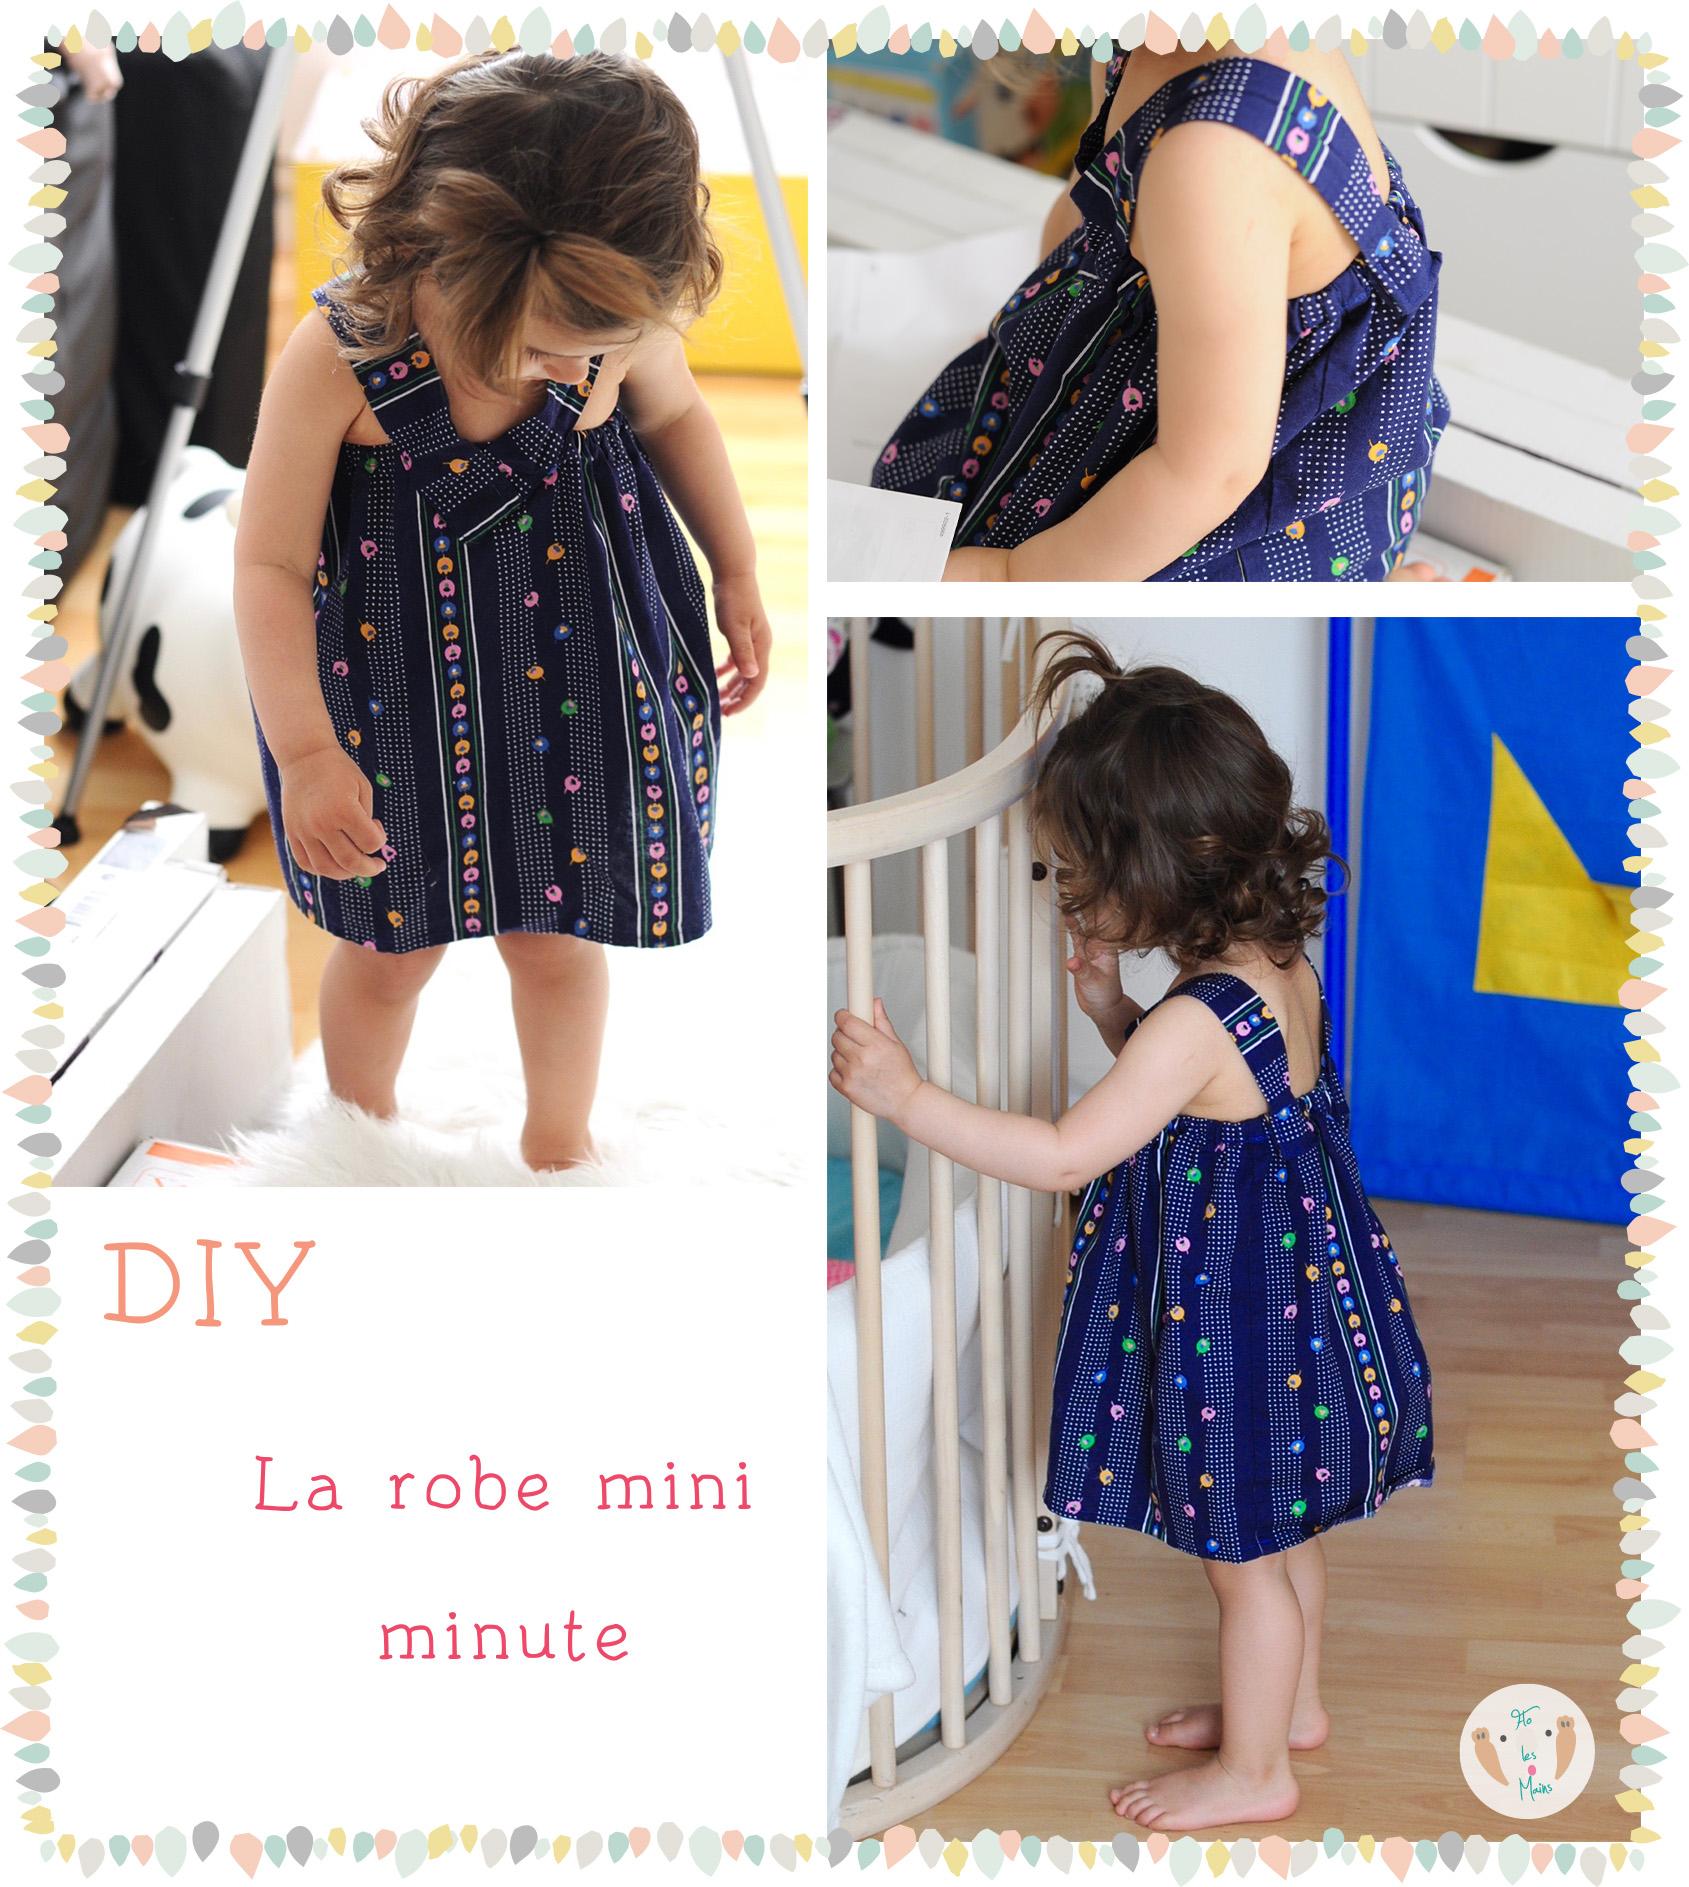 La robe mini minute 2 8 ans flo les mains blog diy for Coudre a 8 ans